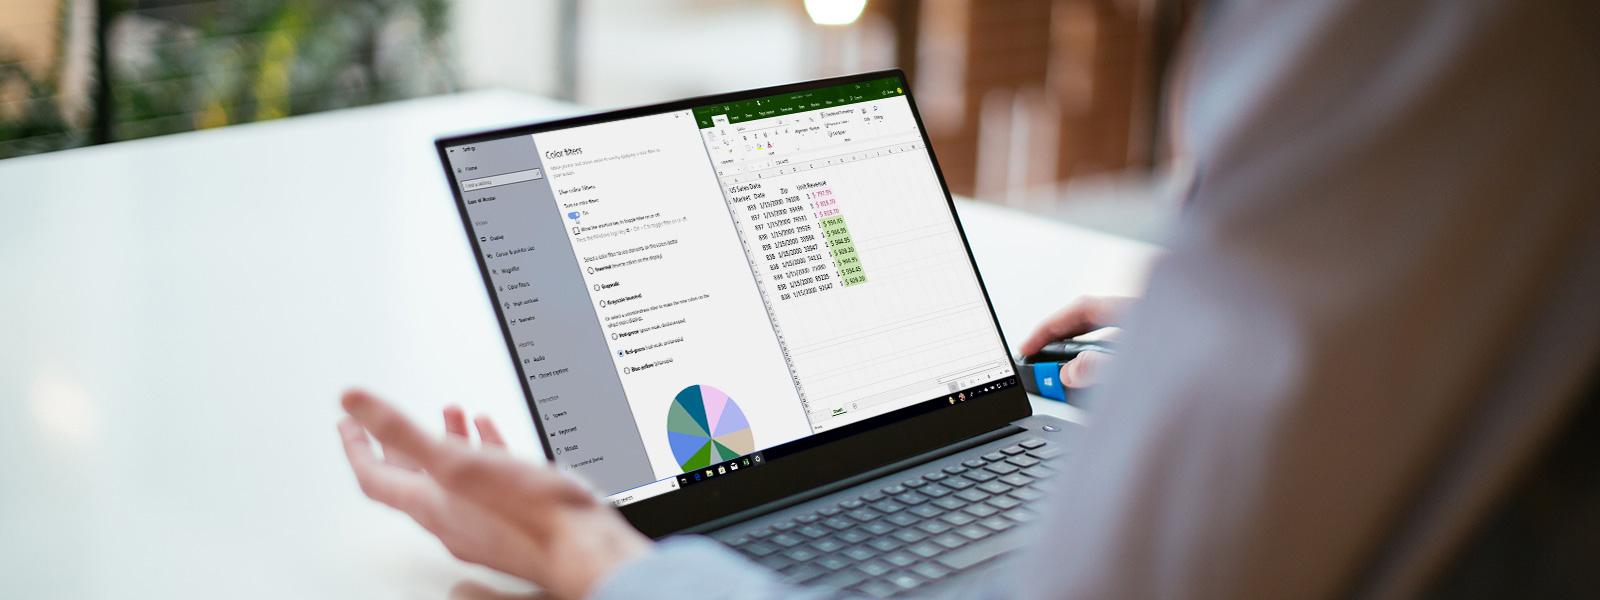 Một người đang sử dụng máy tính xách tay với bộ lọc màu được bật trên Windows 10